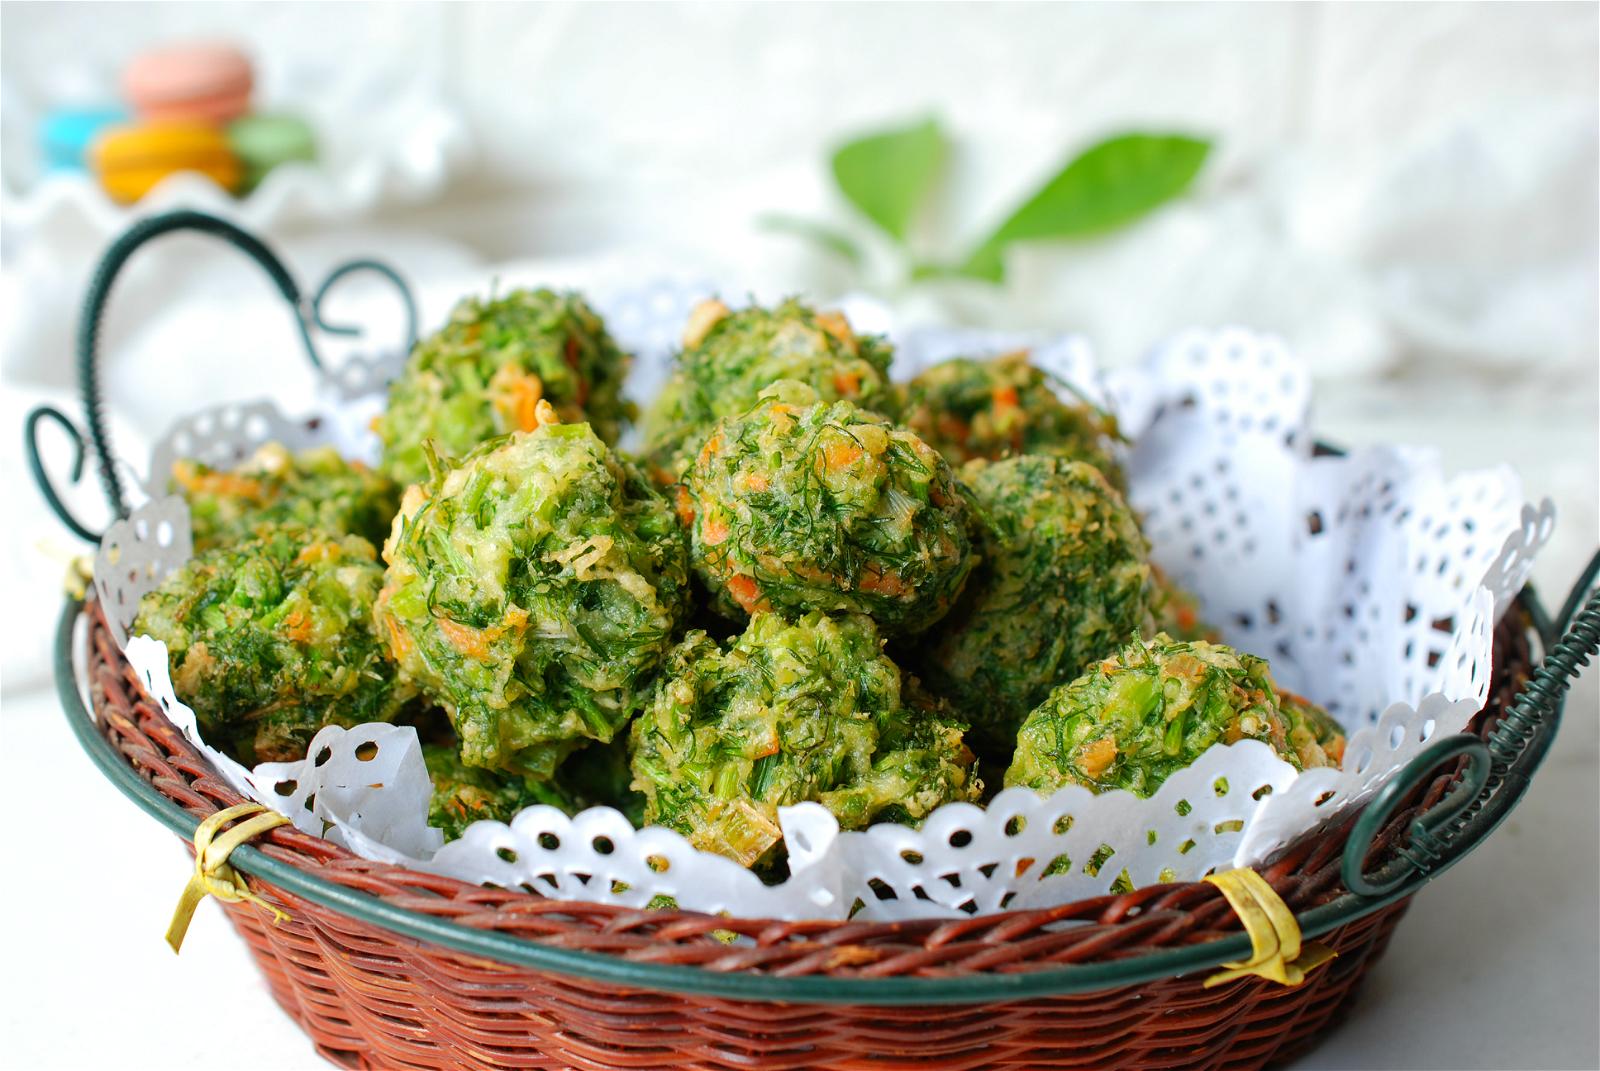 春天多吃这菜,提升食欲对胃好,做成丸子又香又脆,吃上瘾了  - 美食,菜谱